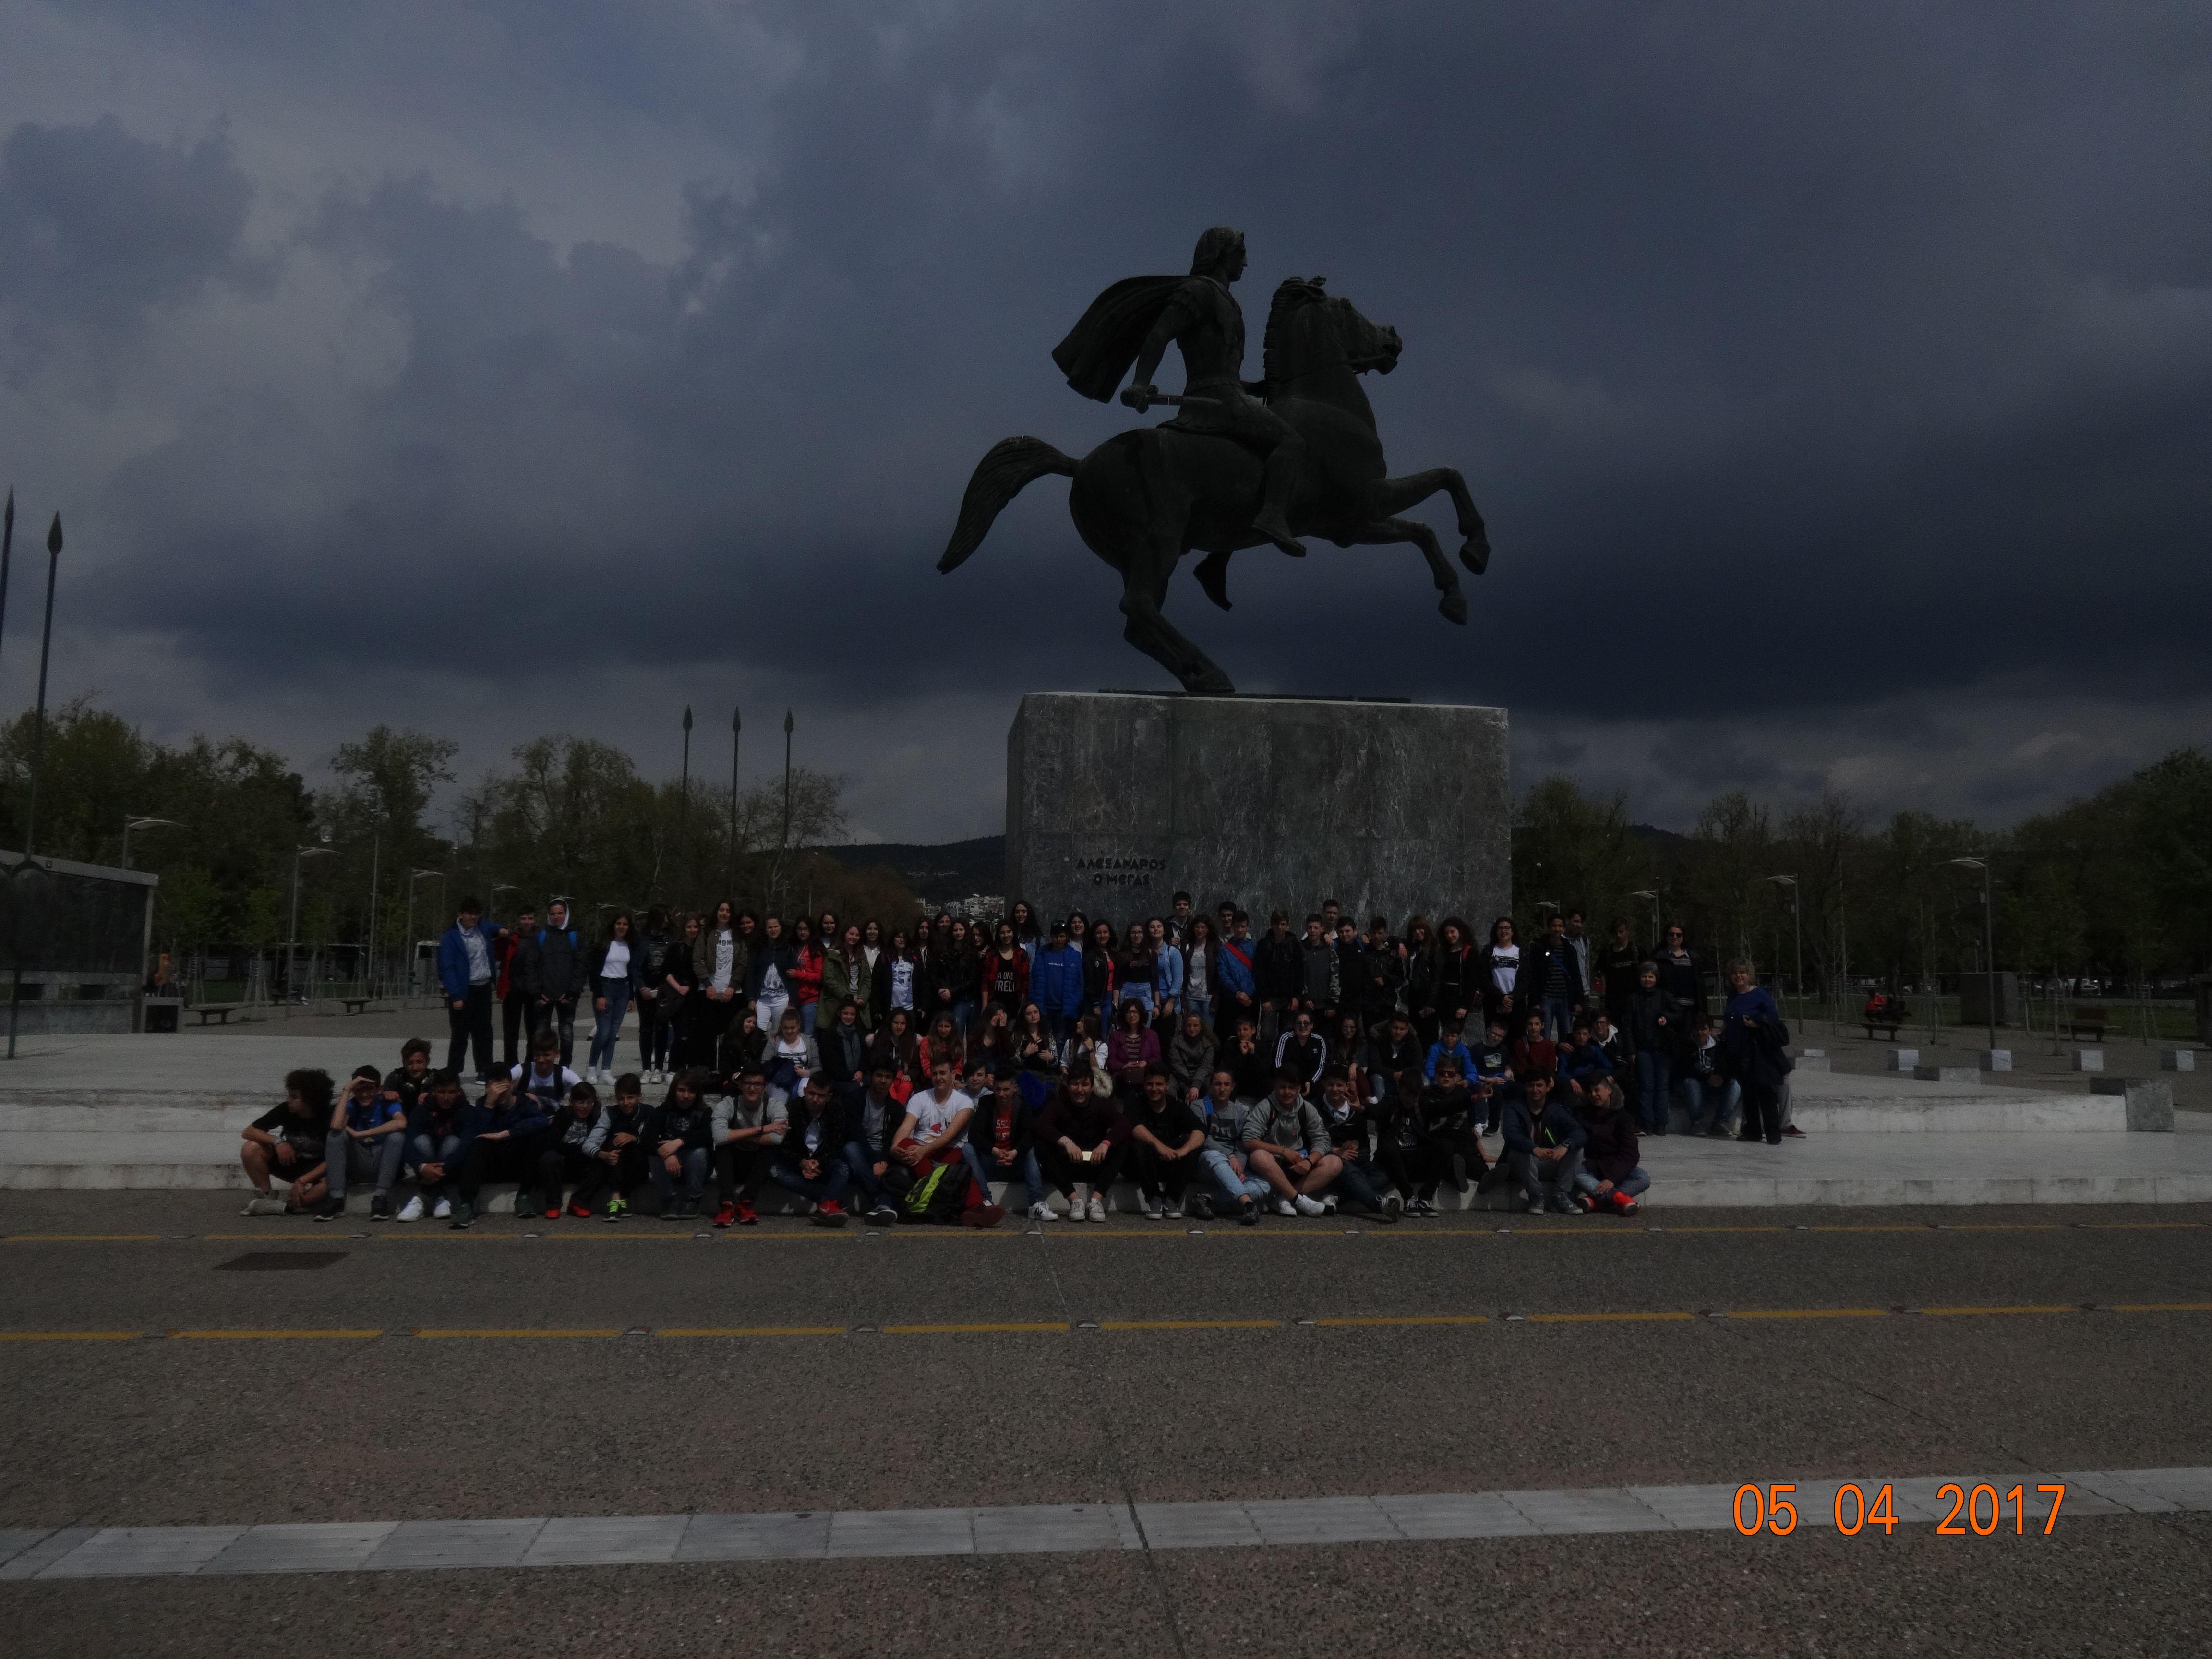 Μπροστά από το άγαλμα του Μ. Αλέξανδρου